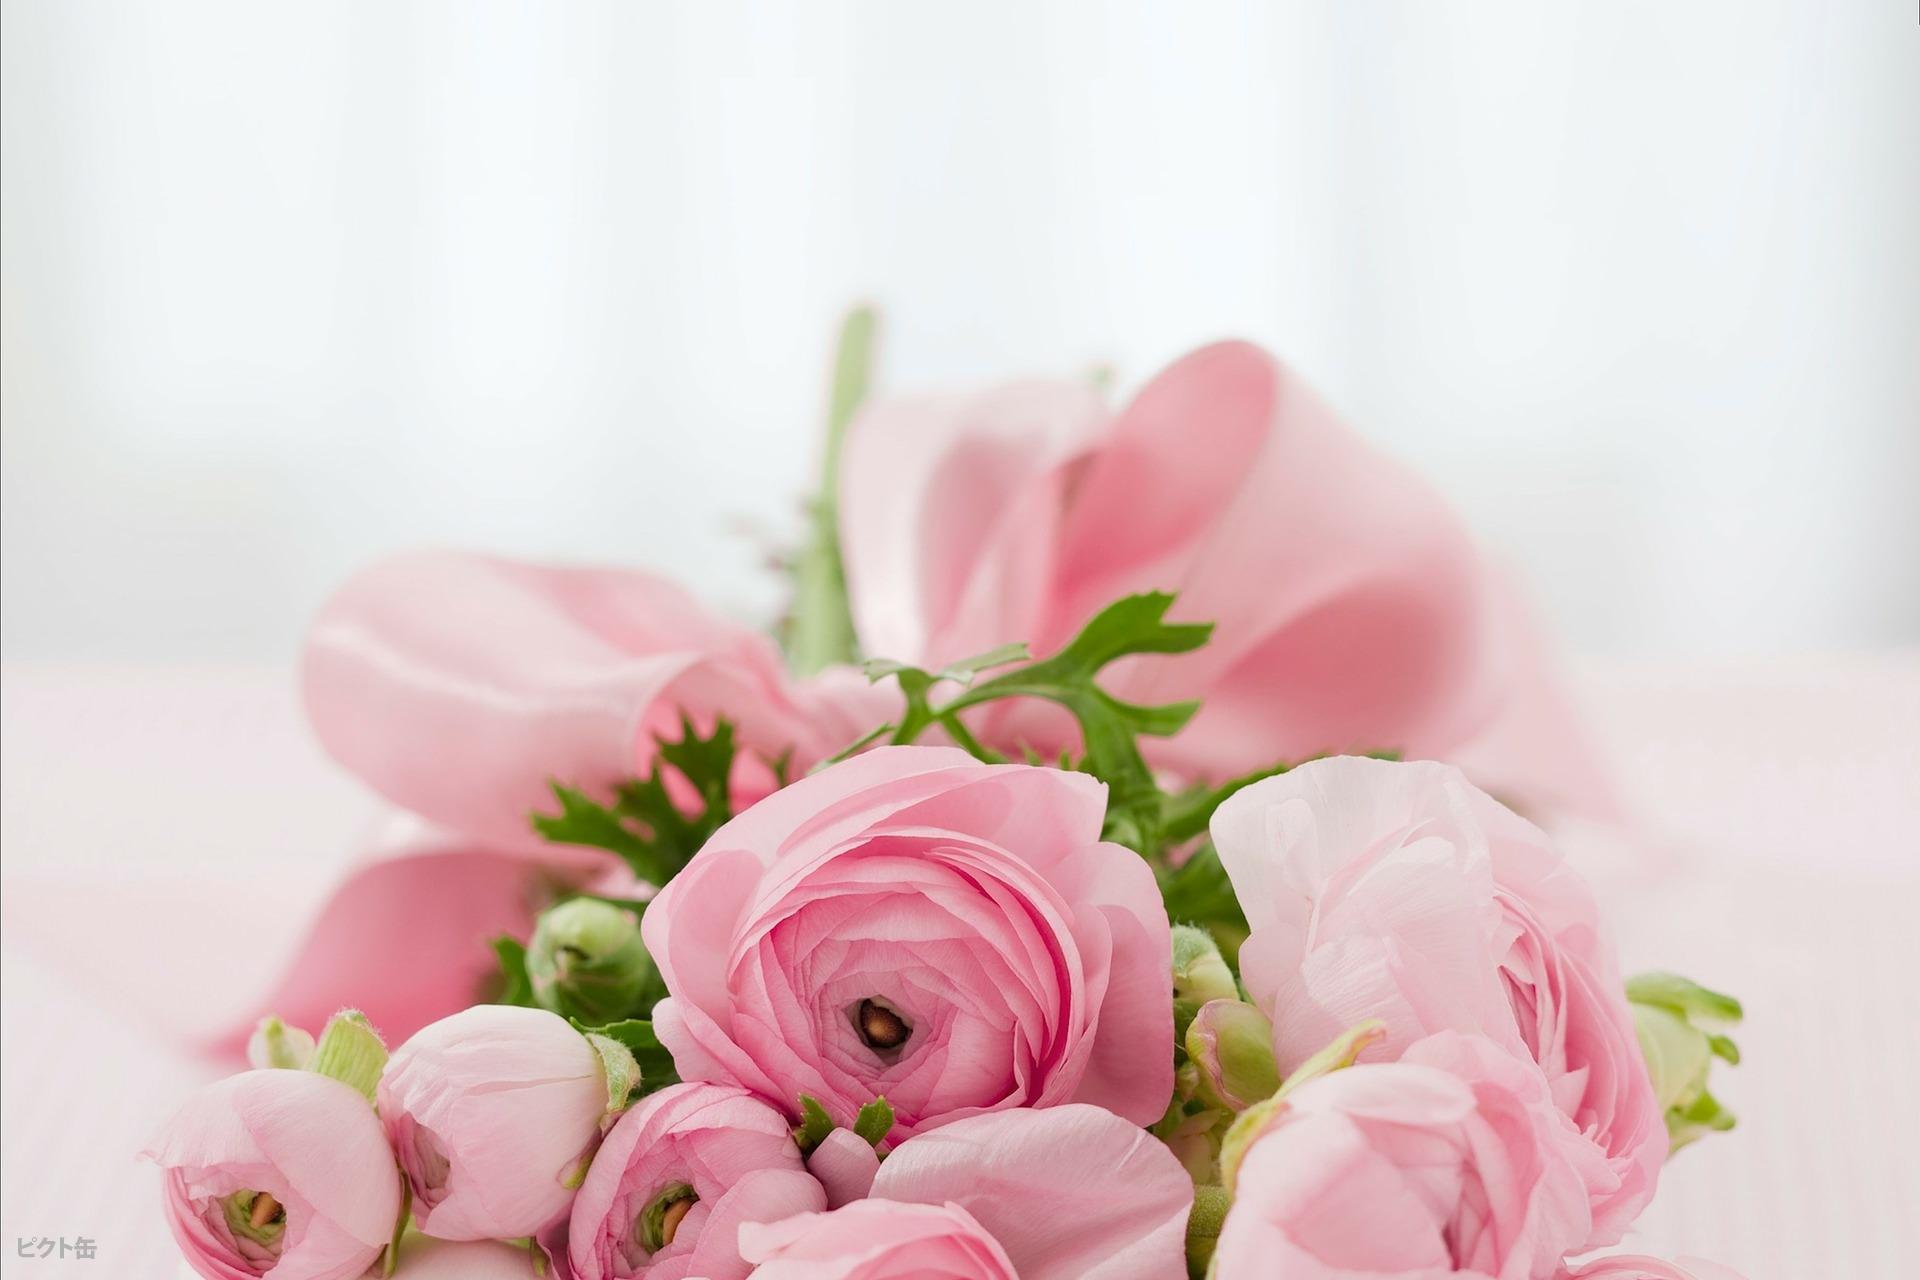 結婚記念日に妻へ贈りたいプレゼント39選!絶対に喜ばれるおすすめ商品を紹介!